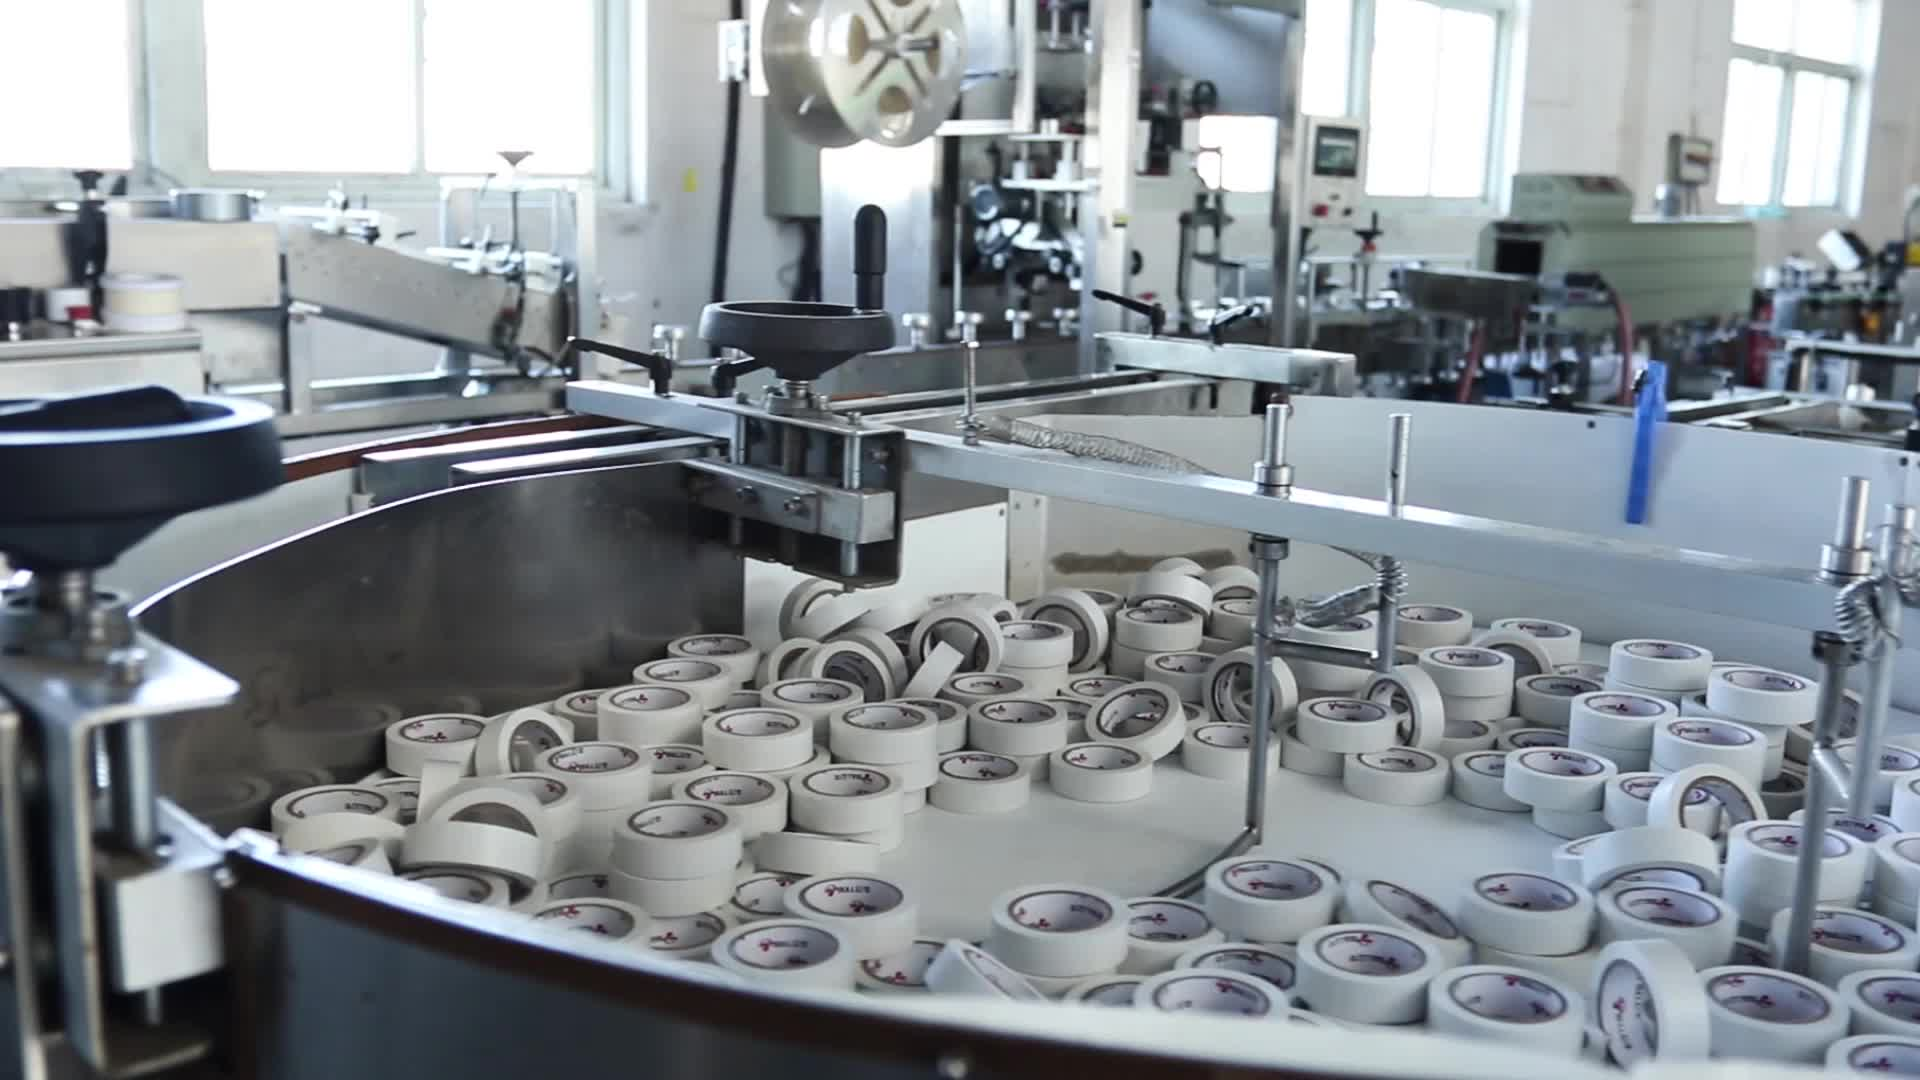 Điện Áp Cao Ngọn Lửa Chống Cháy Vinyl Điện Cách Nhiệt PVC Băng